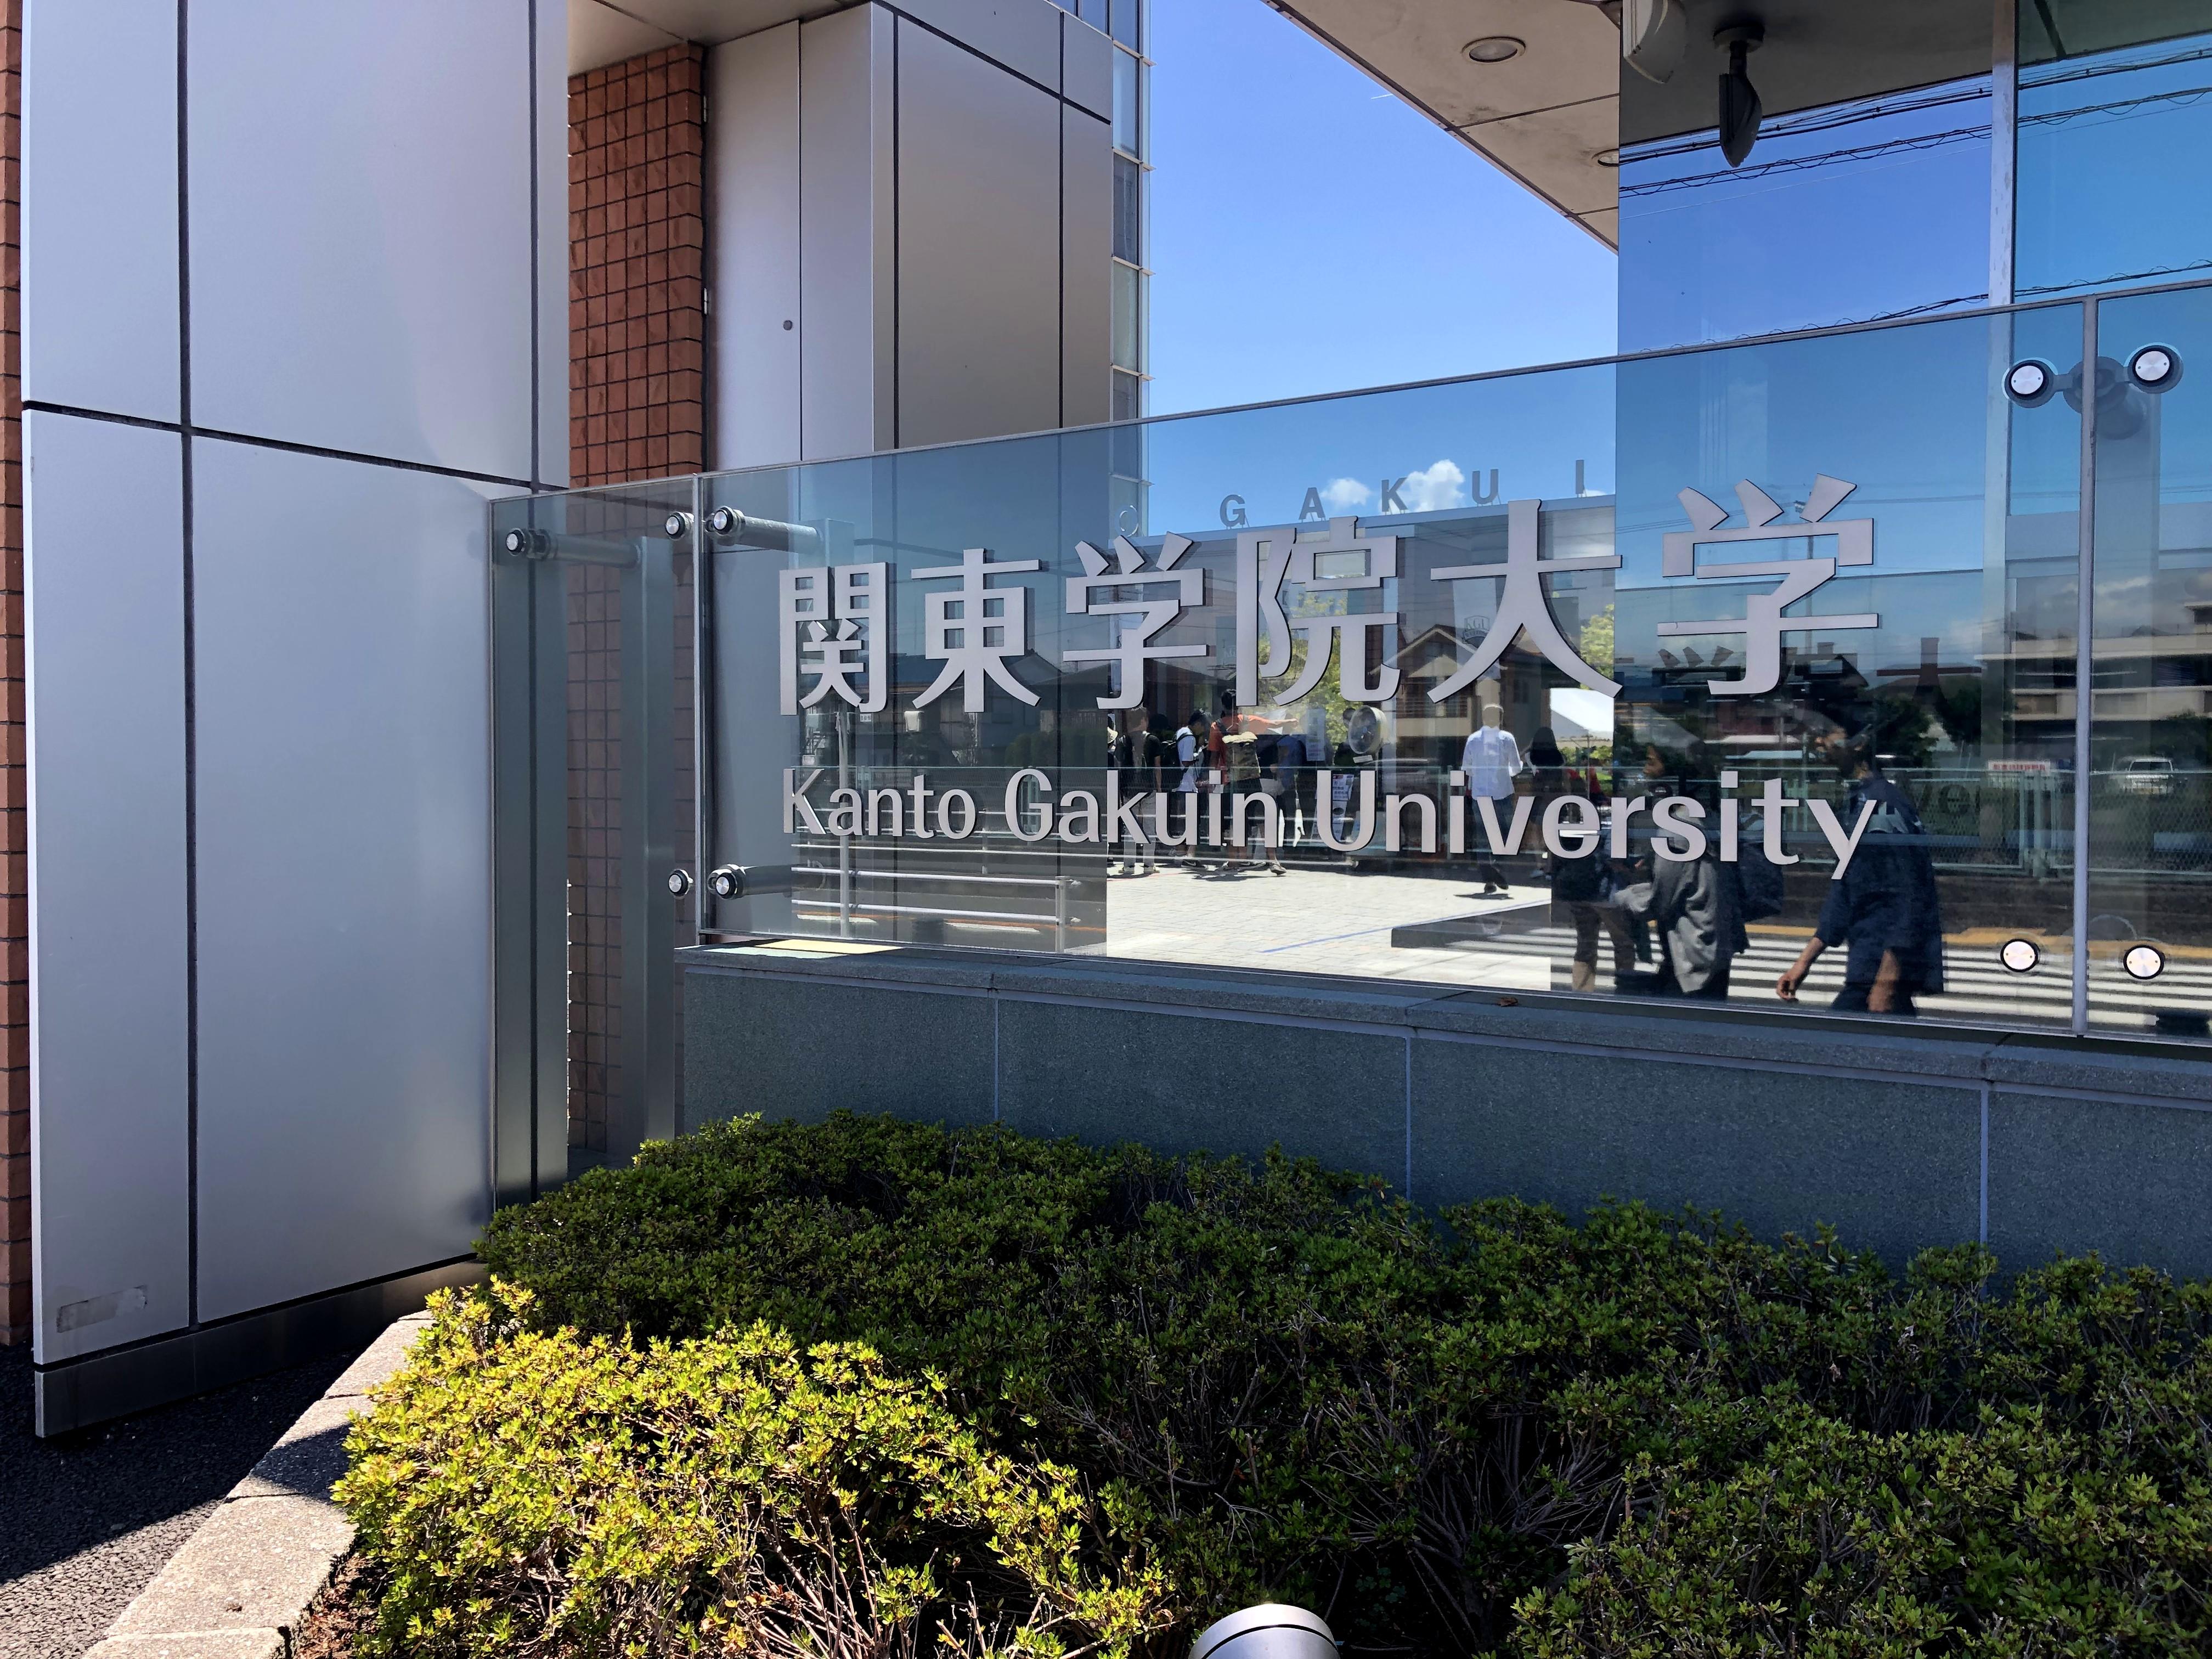 関東学院大学オープンキャンパスツアー